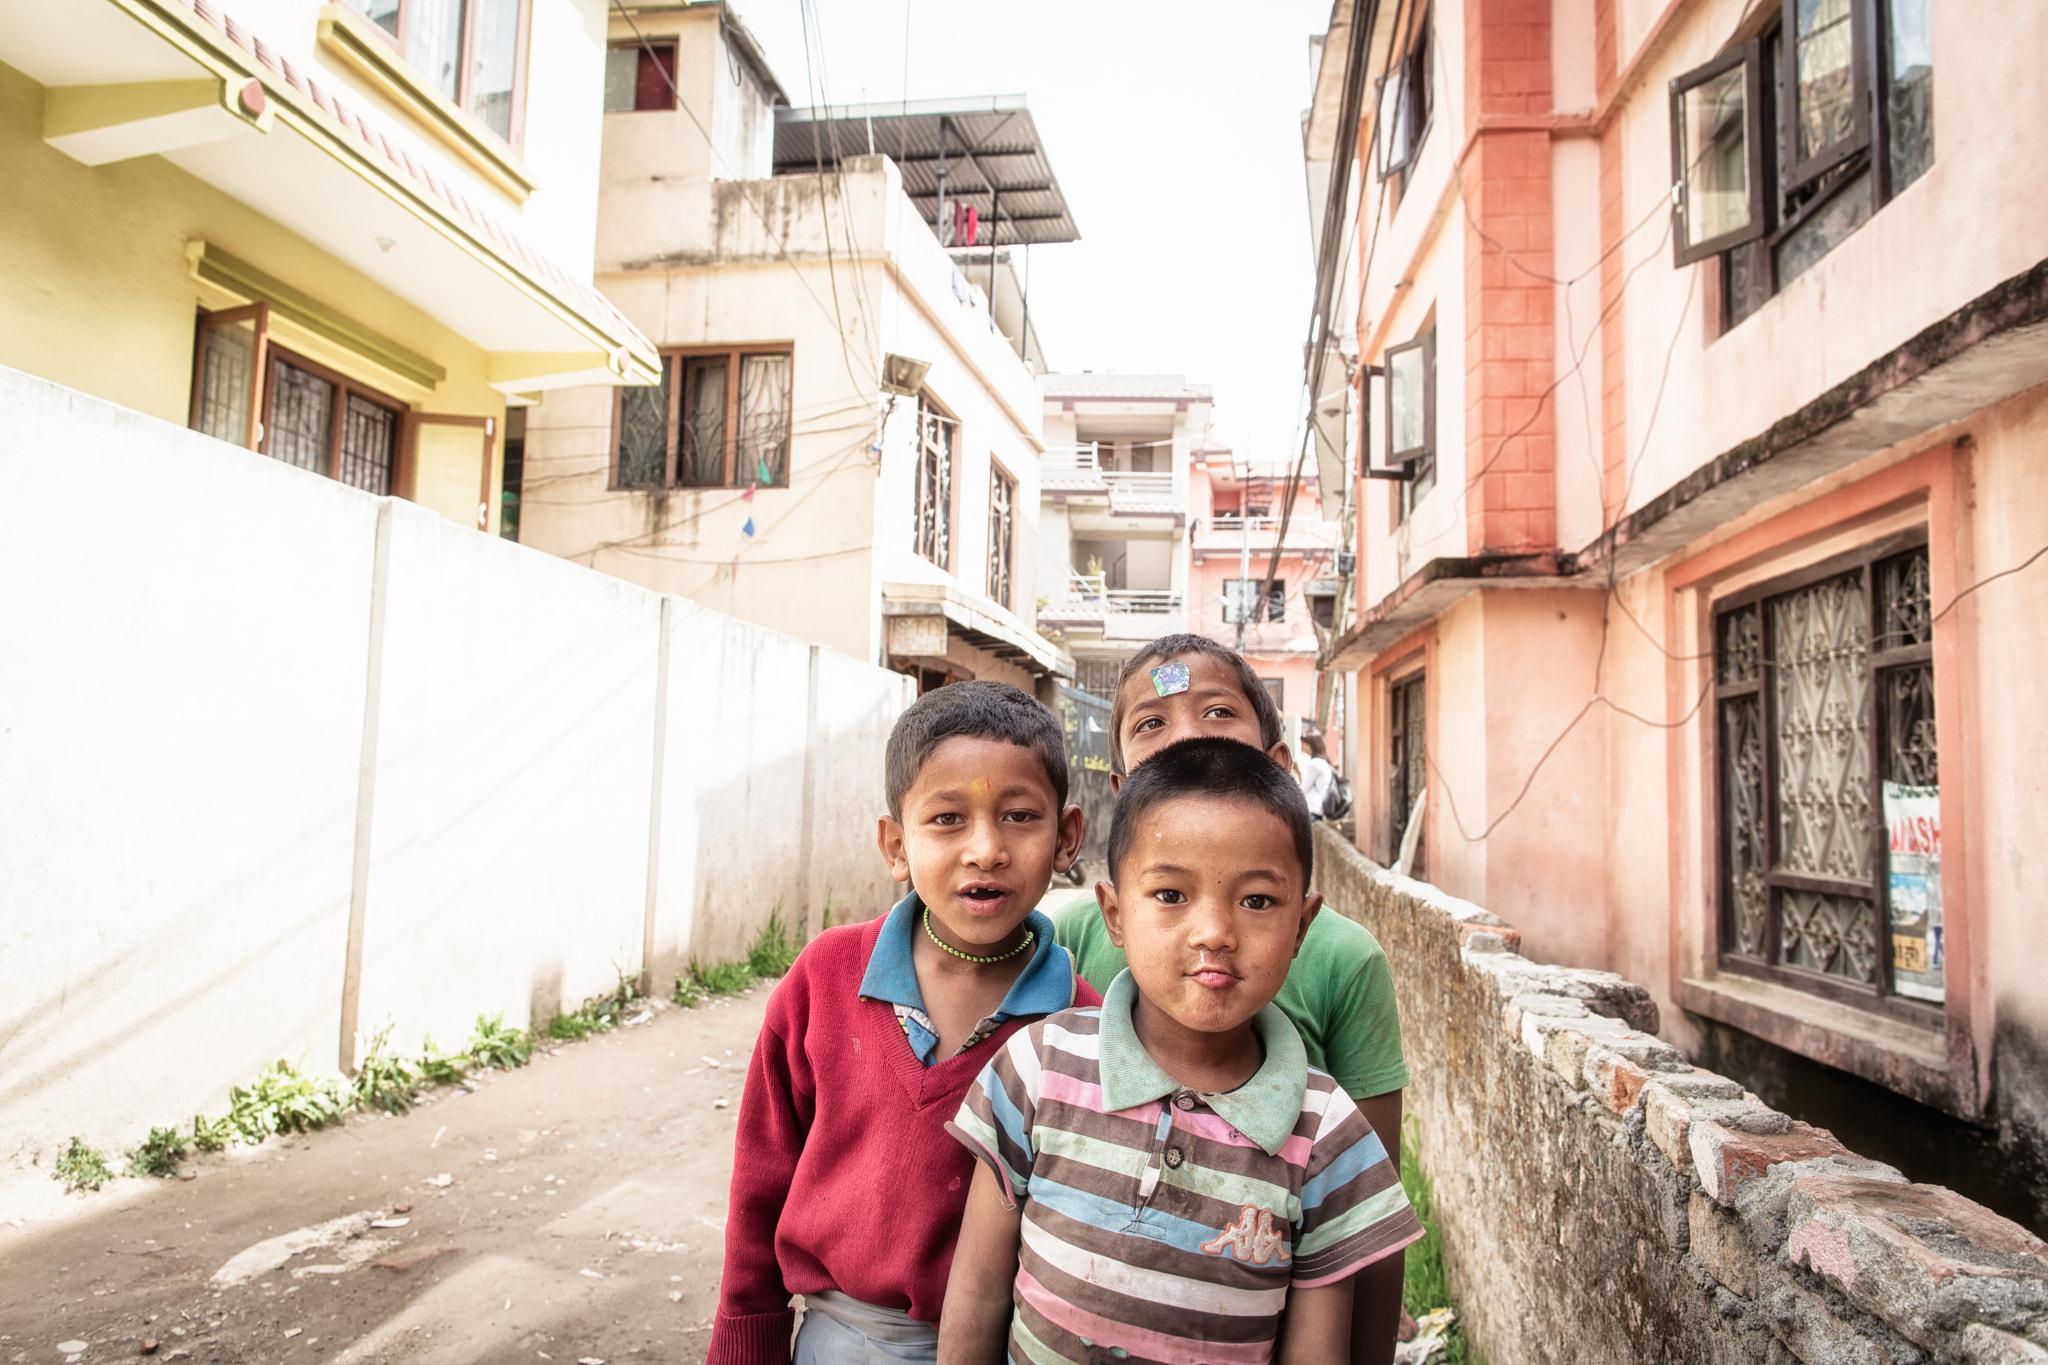 Kids in Kathmandu